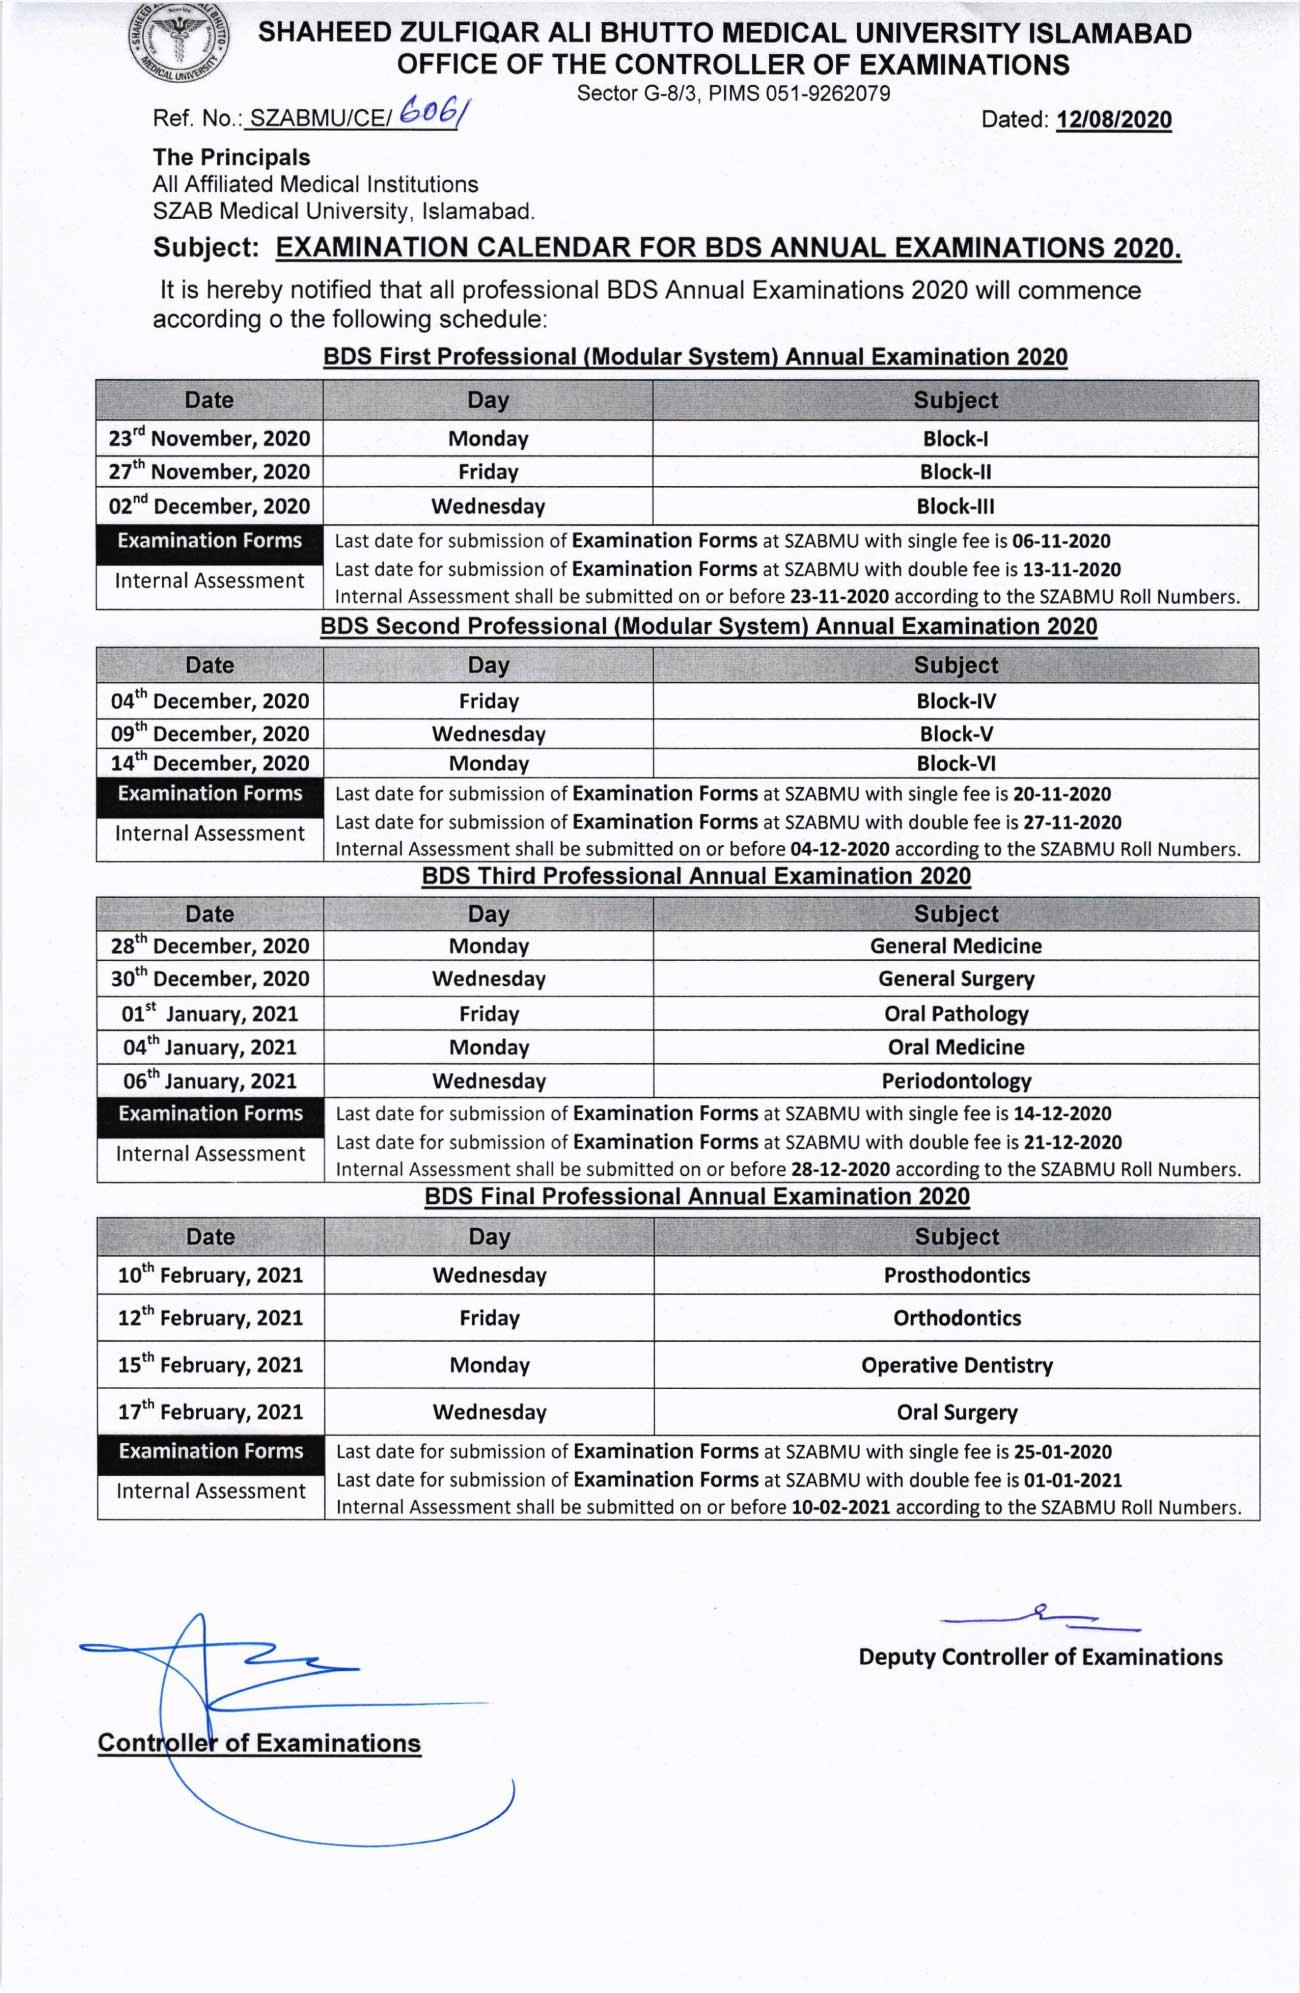 Exam Calendar of BDS Annual Examination 2020